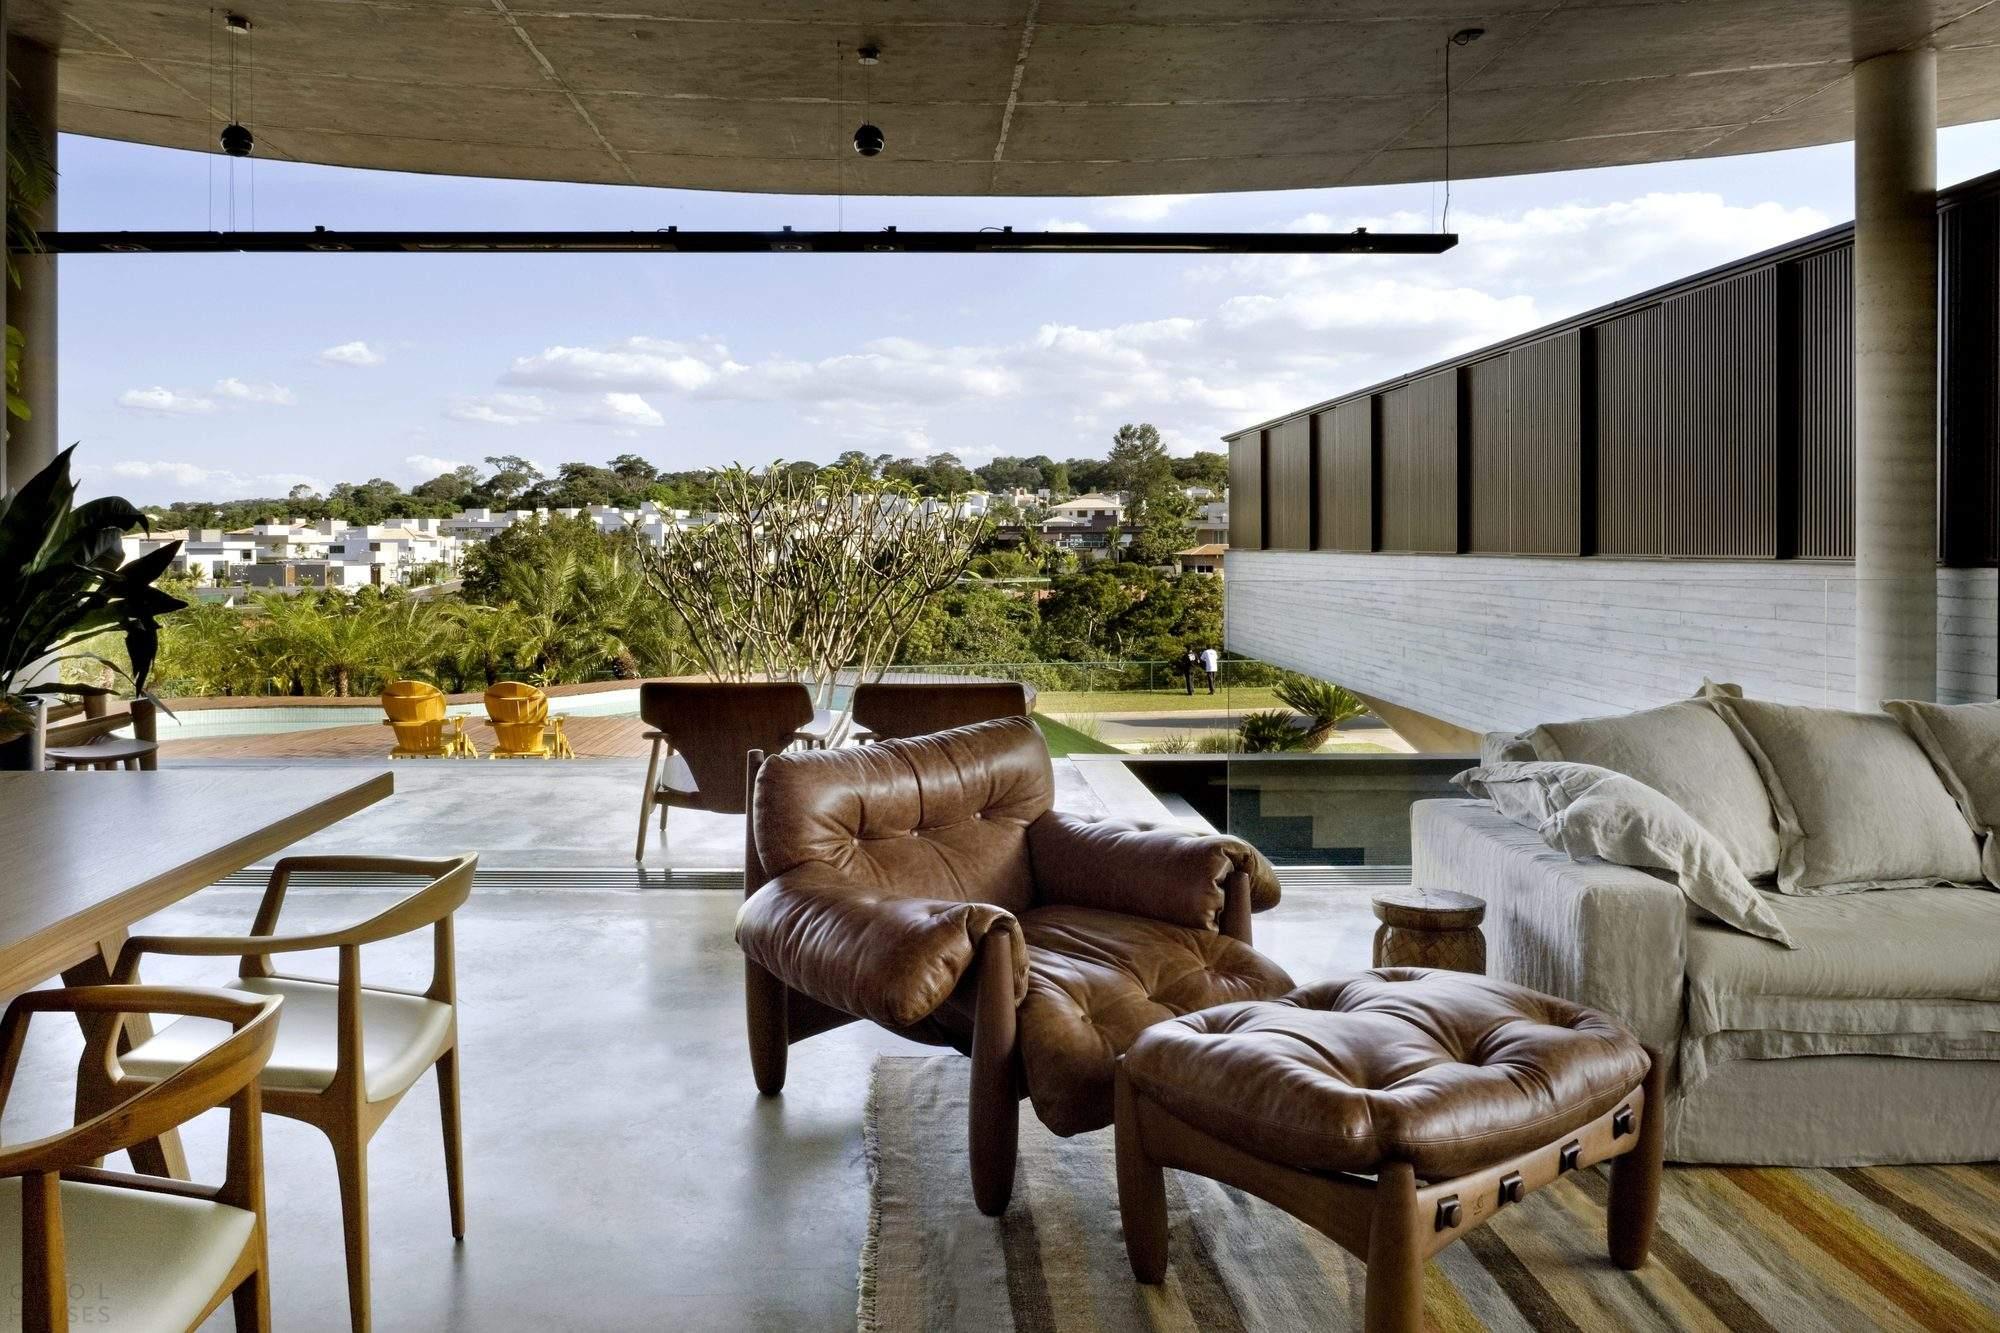 Резиденция с модернистской привлекательностью в Бразилии